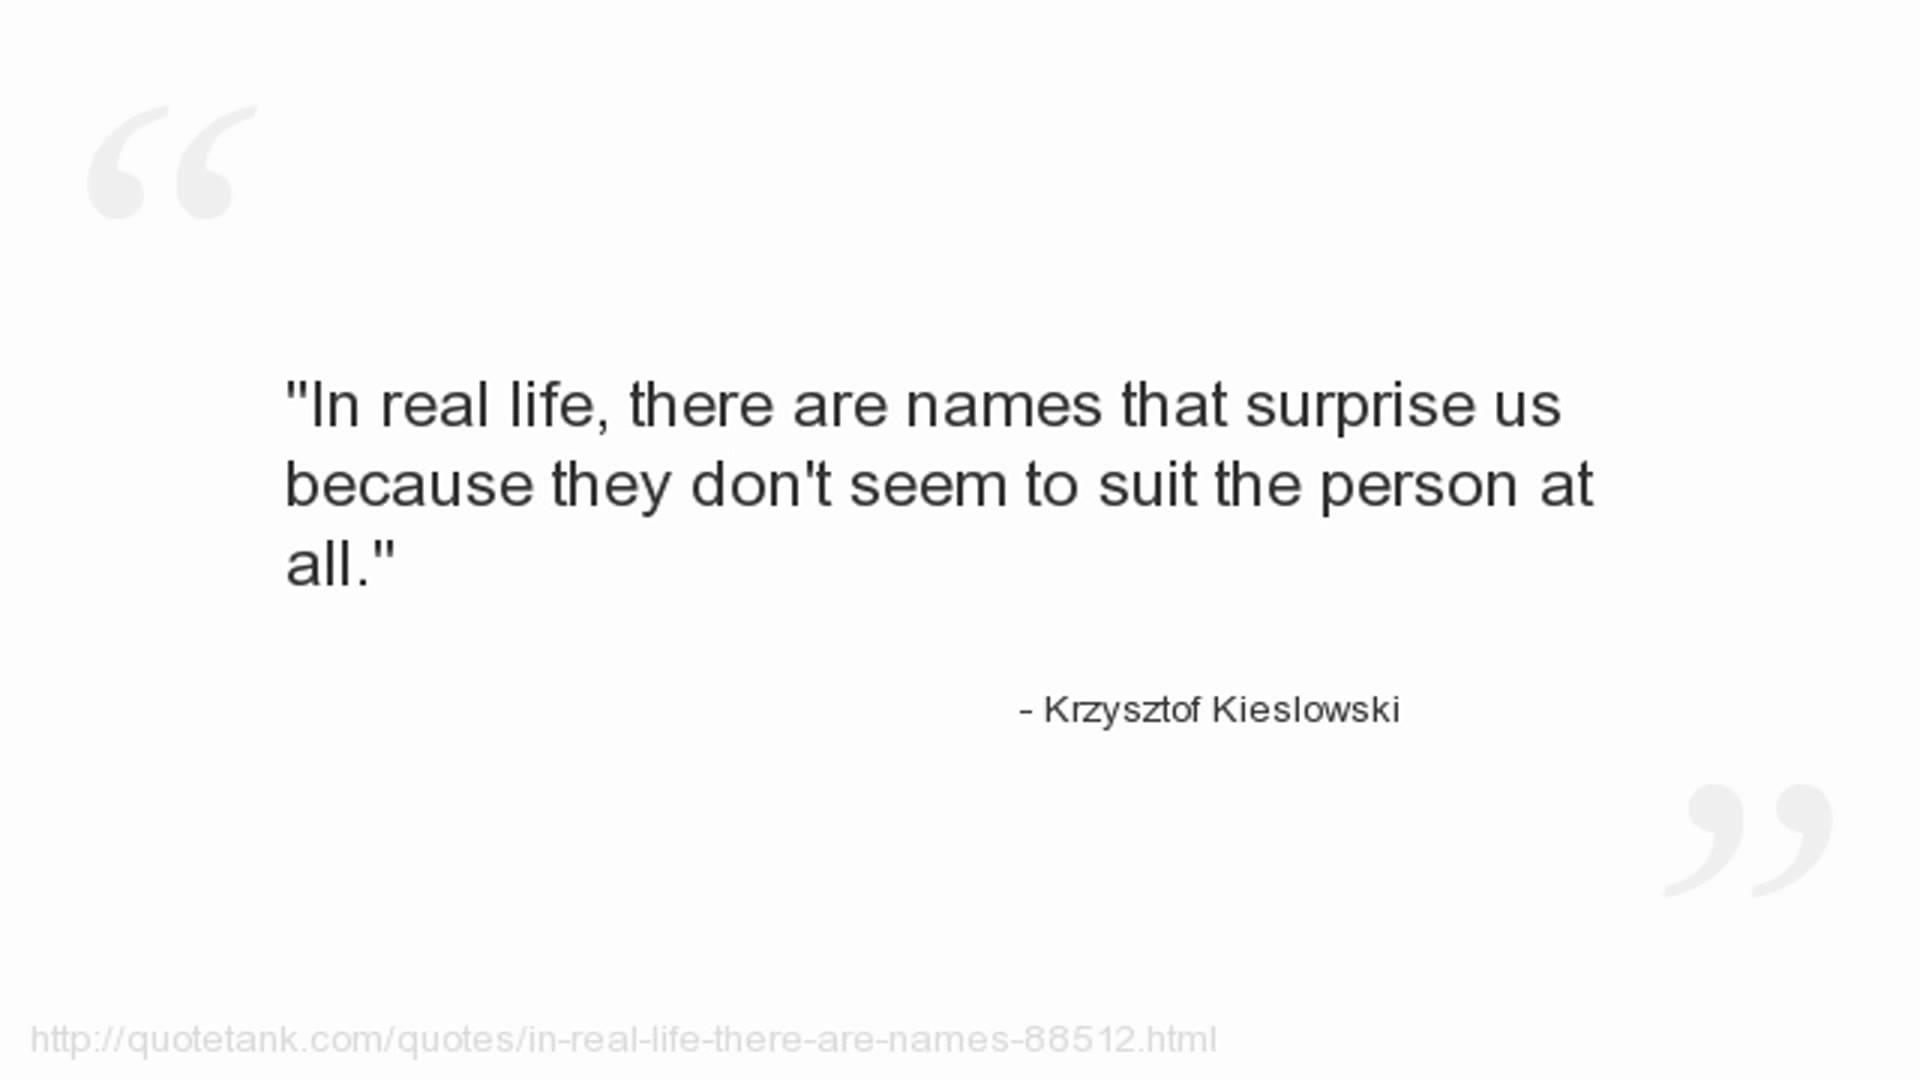 Krzysztof Kieslowski's quote #3